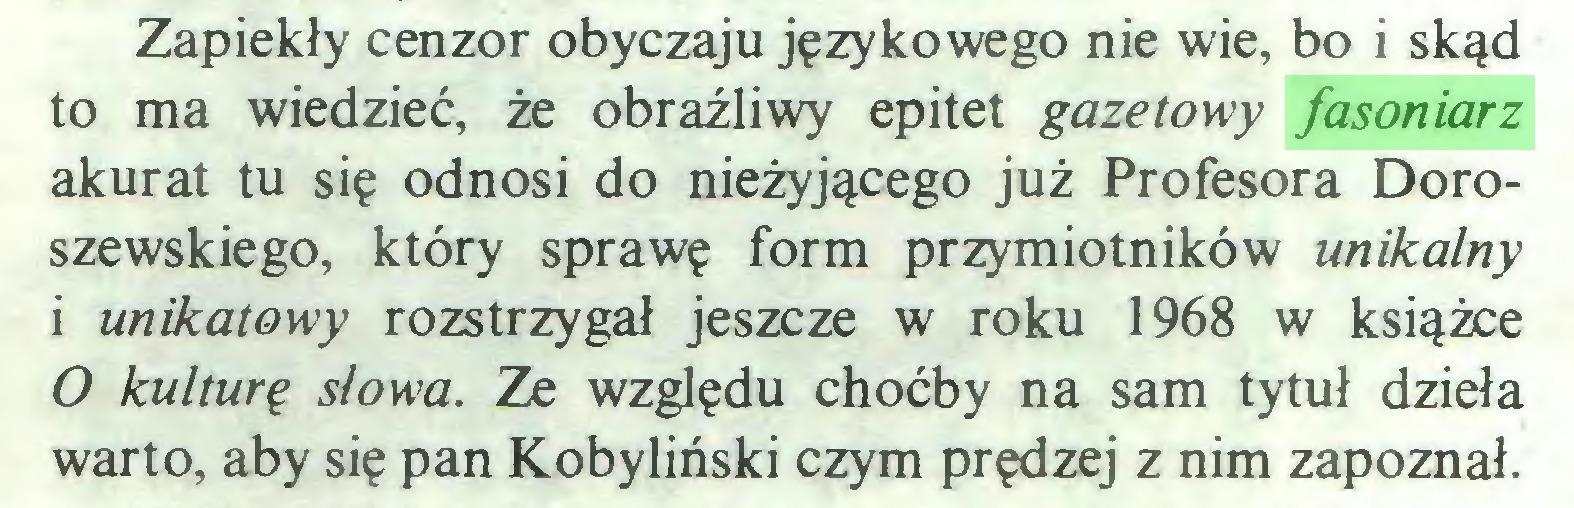 (...) Zapiekły cenzor obyczaju językowego nie wie, bo i skąd to ma wiedzieć, że obraźliwy epitet gazetowy fasoniarz akurat tu się odnosi do nieżyjącego już Profesora Doroszewskiego, który sprawę form przymiotników unikalny i unikatowy rozstrzygał jeszcze w roku 1968 w książce O kulturę słowa. Ze względu choćby na sam tytuł dzieła warto, aby się pan Kobyliński czym prędzej z nim zapoznał...